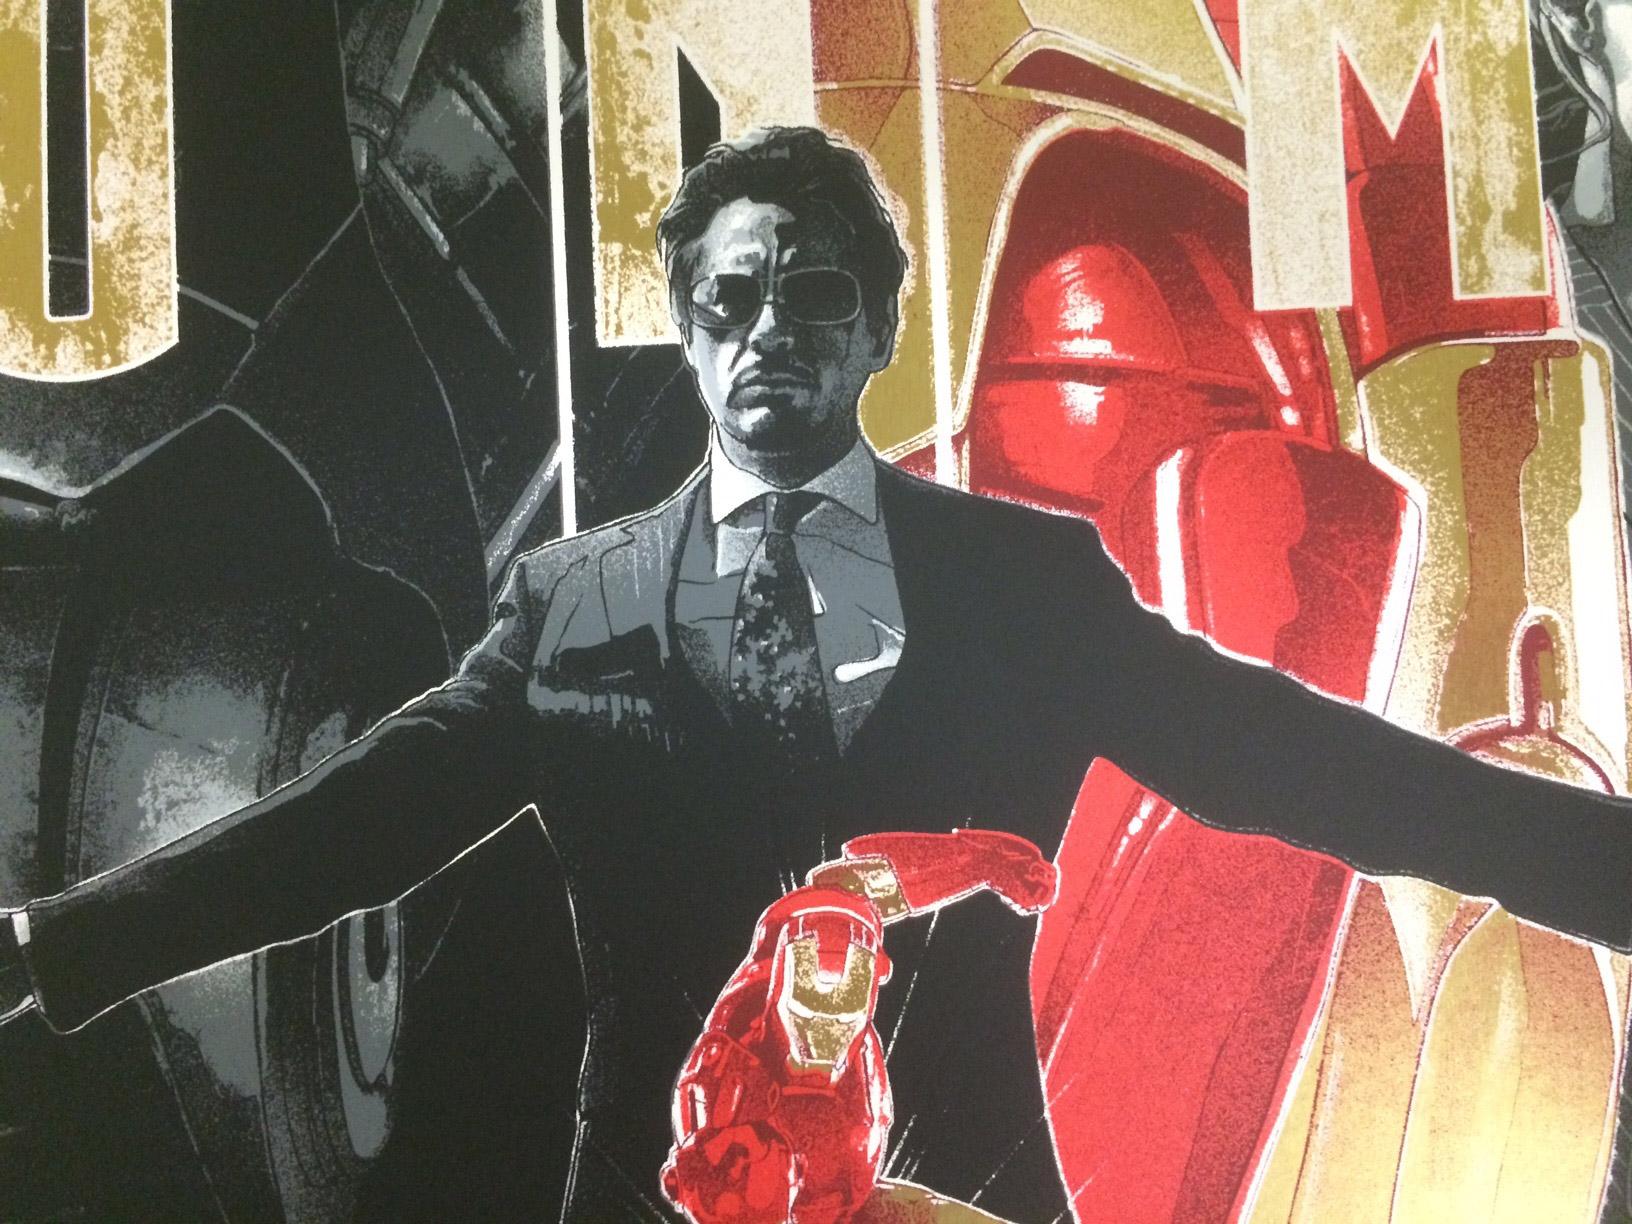 Iron Man Poster Detail 2